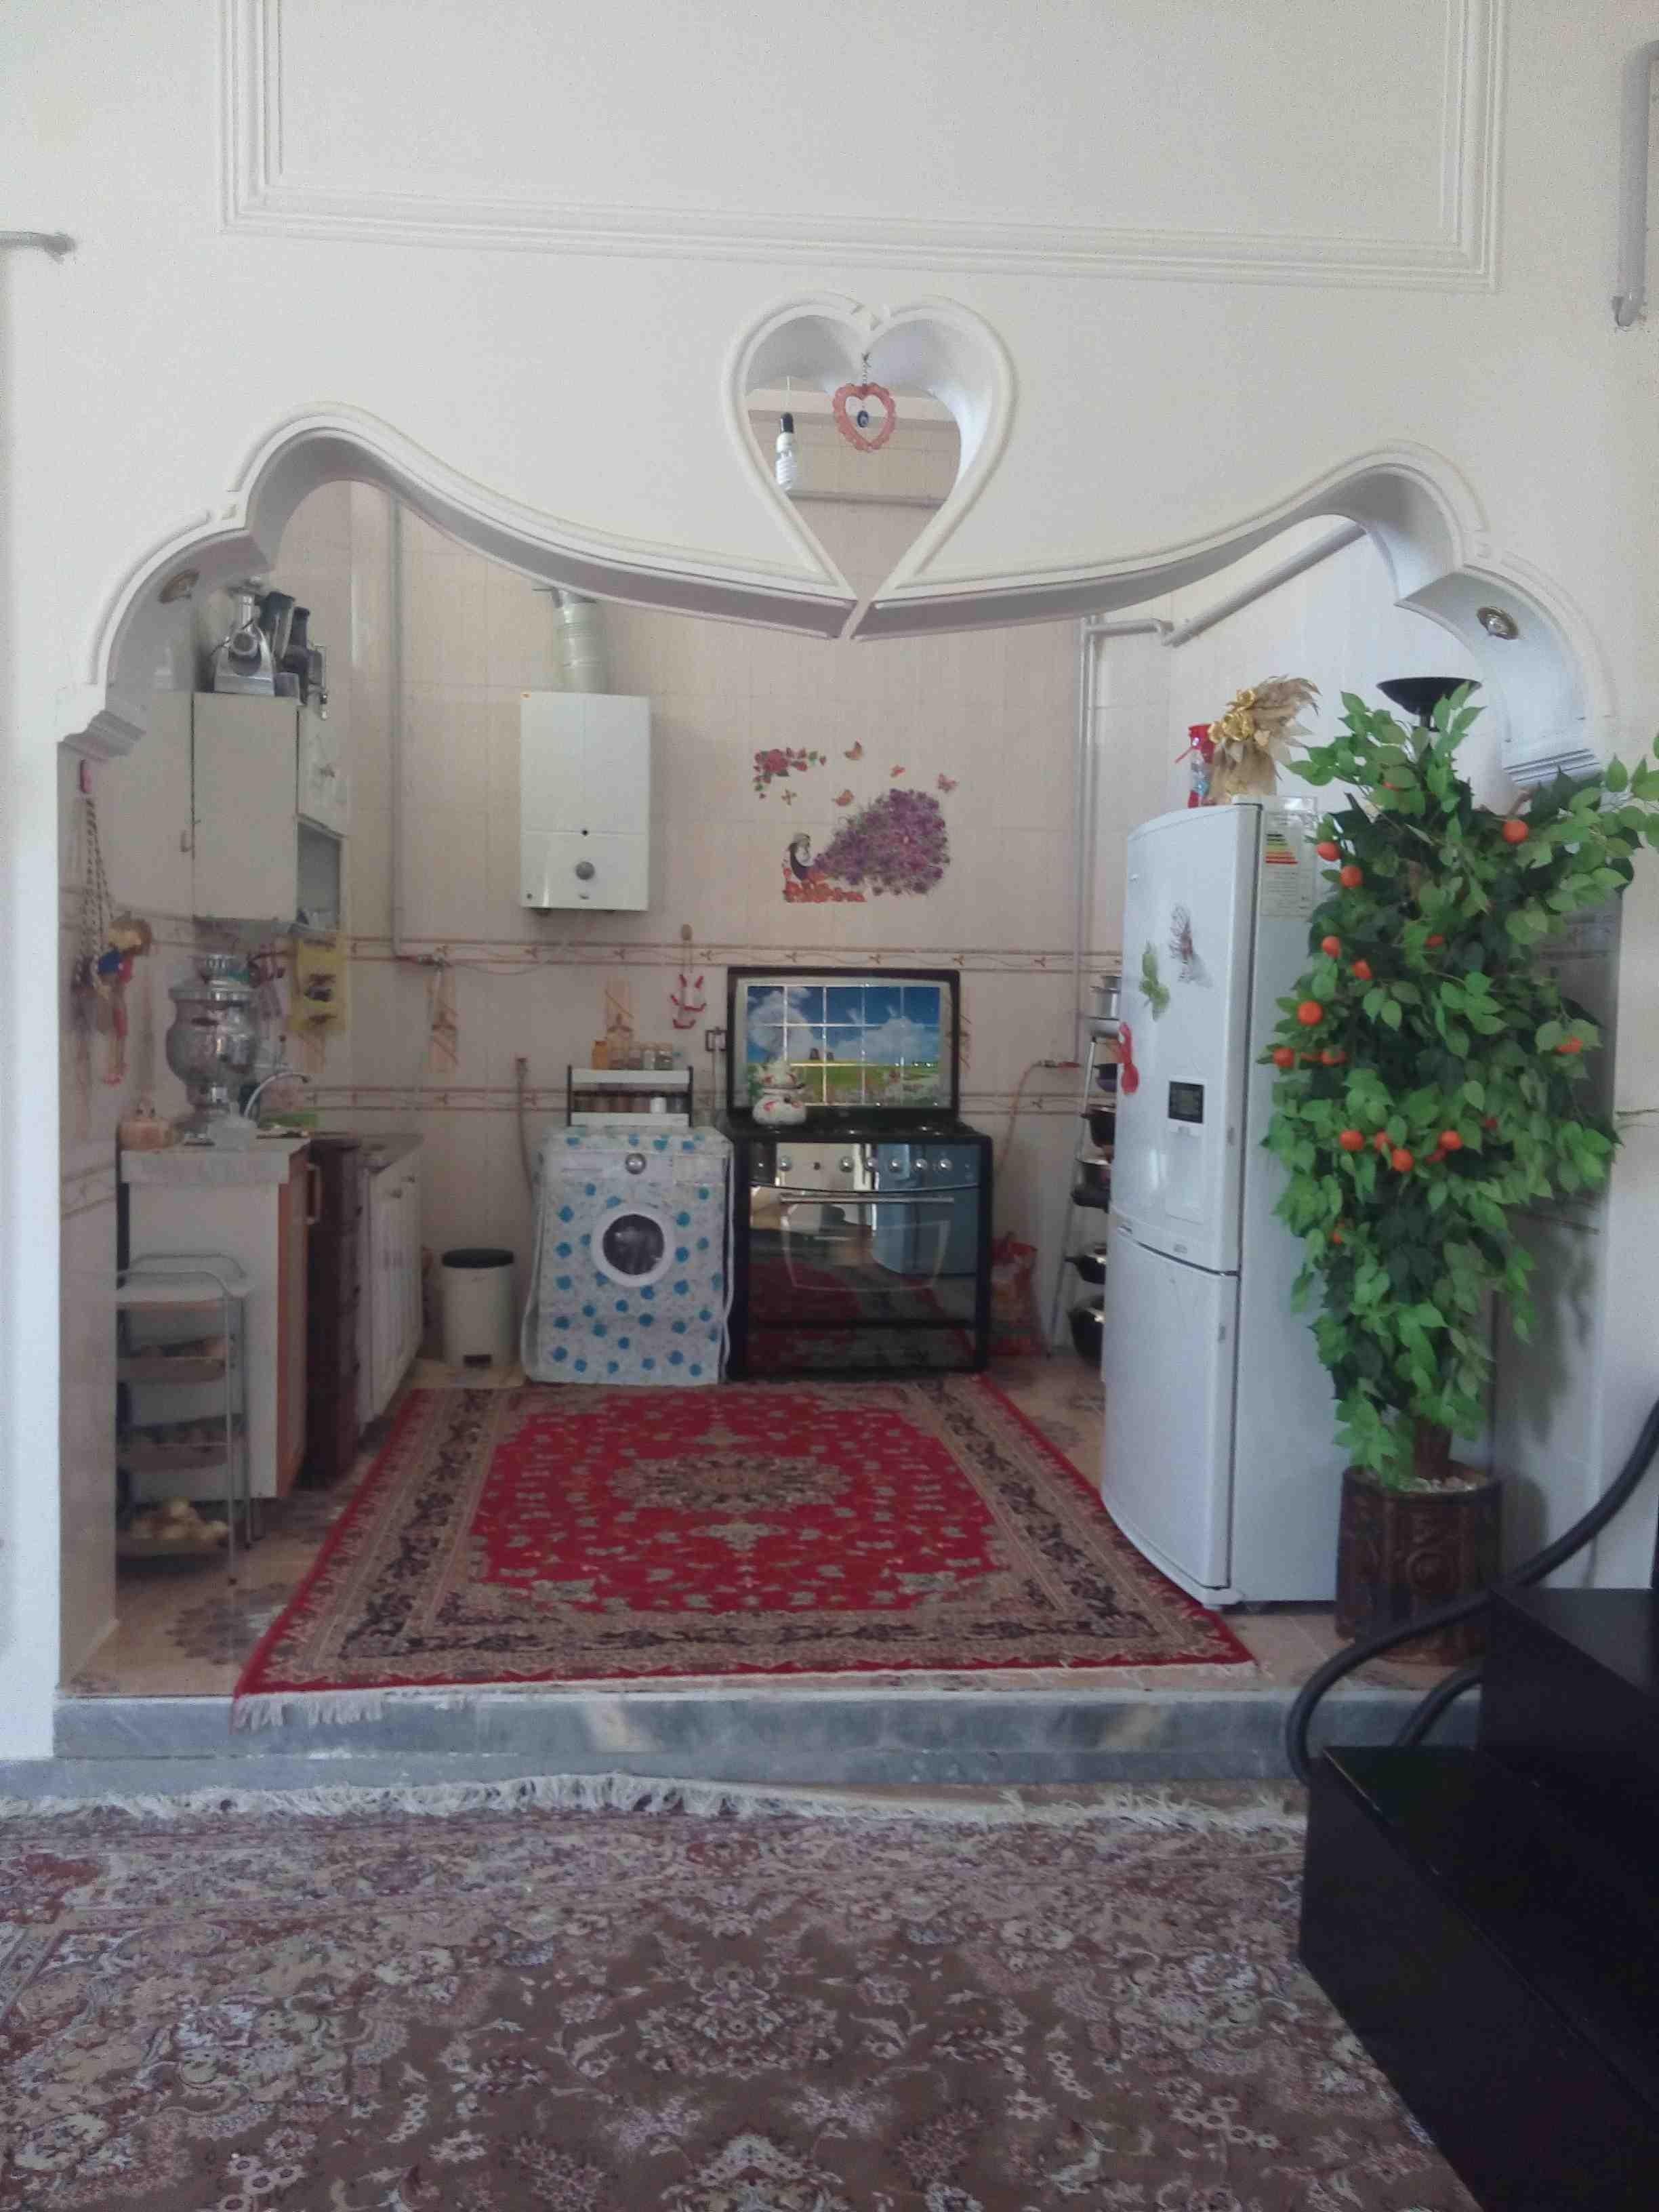 شهری آپارتمان مبله دربست گرماب شهر زنجان - دو خواب